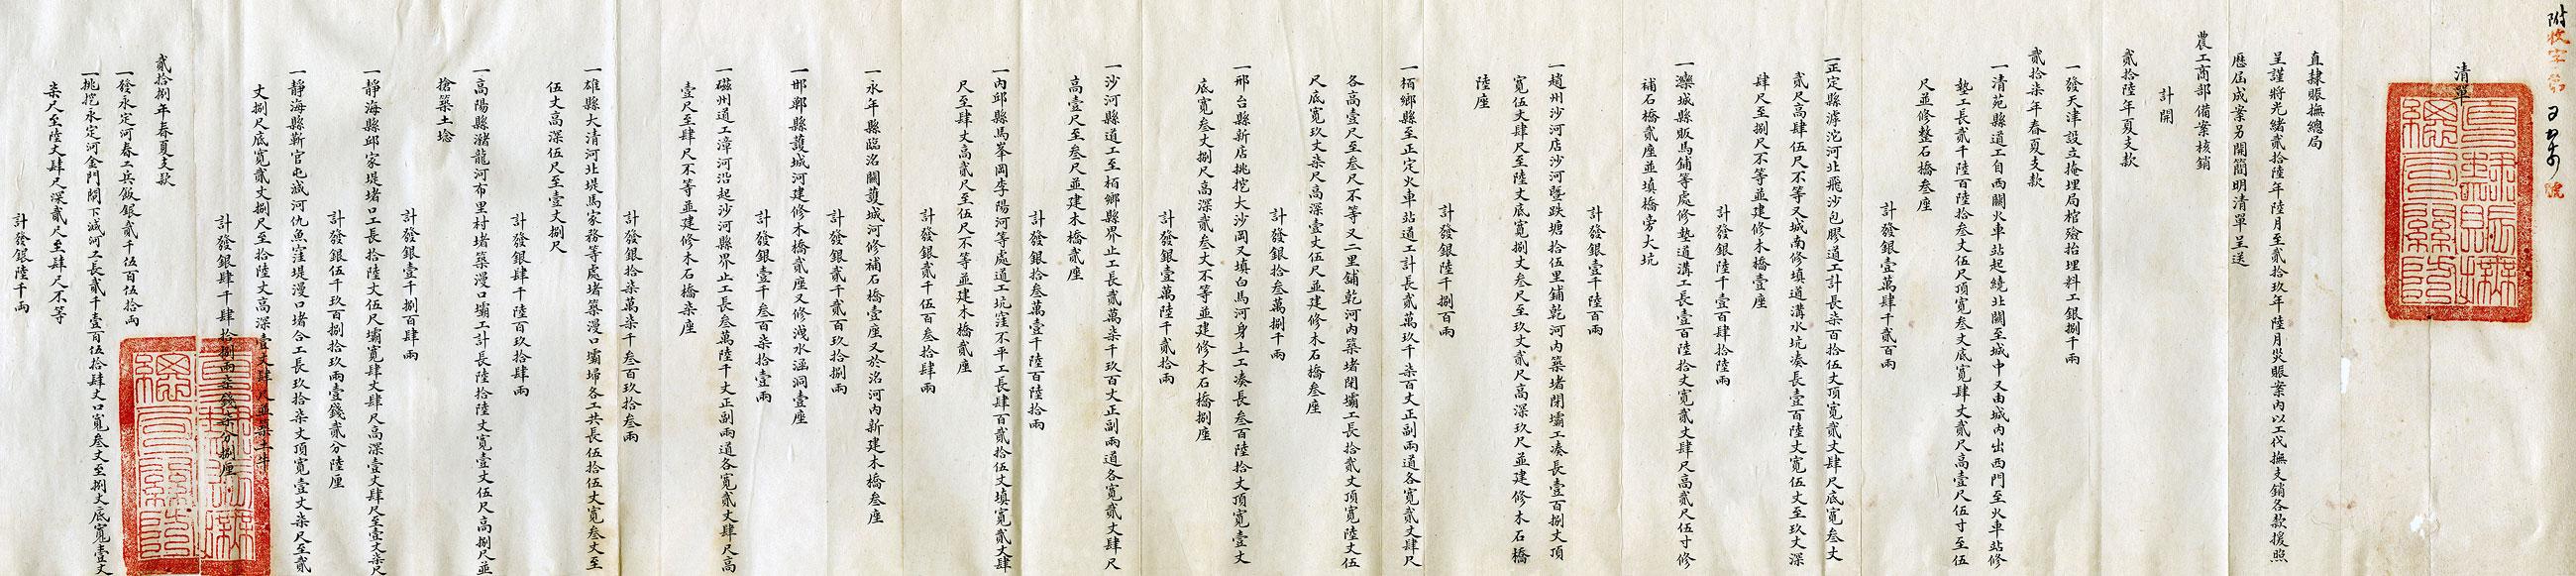 光緒34 年(1908年)11月,直隸賑撫總局呈農工商部,以工代撫支銷各款簡明清單。(06-21-01-005-097)